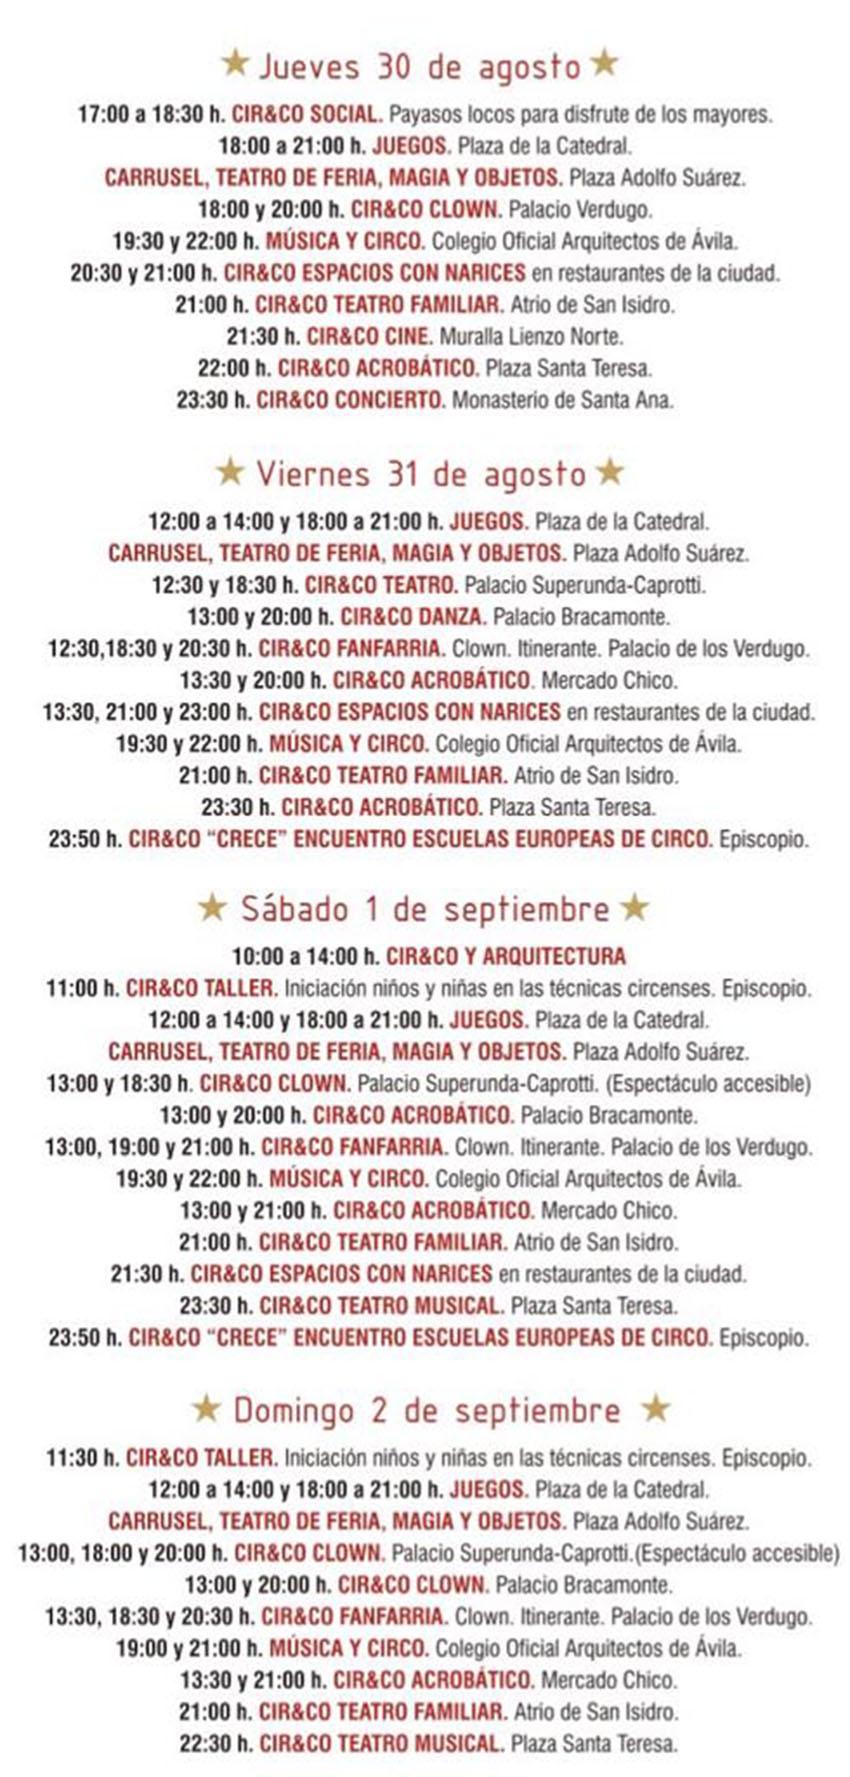 Programación Cir&Co 2018 Ávila - TiétarTeVe